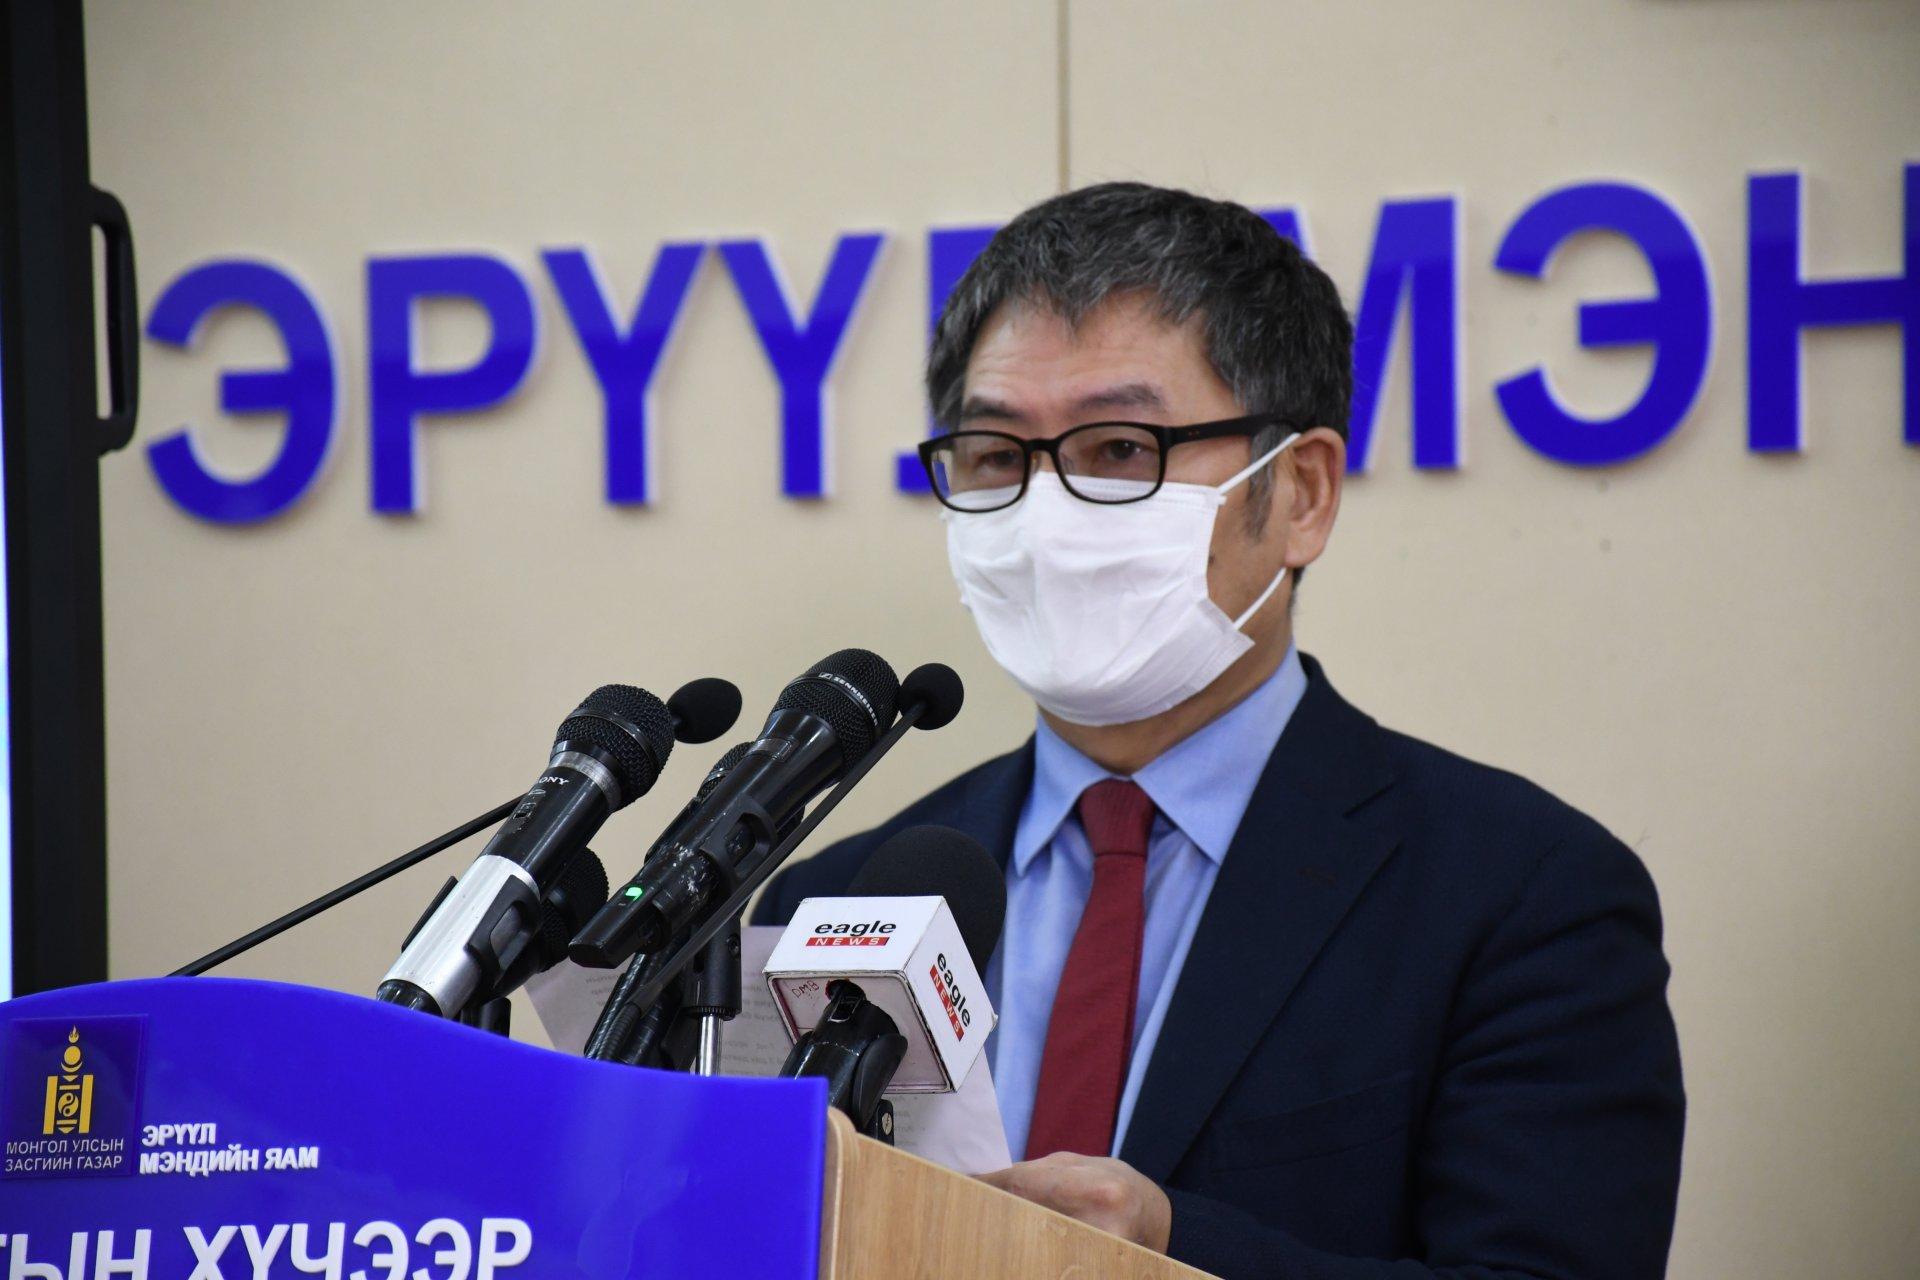 Тусгаарлалтад байсан хоёр хүнээс коронавирусийн халдвар илэрч, батлагдсан тохиолдол 291 боллоо